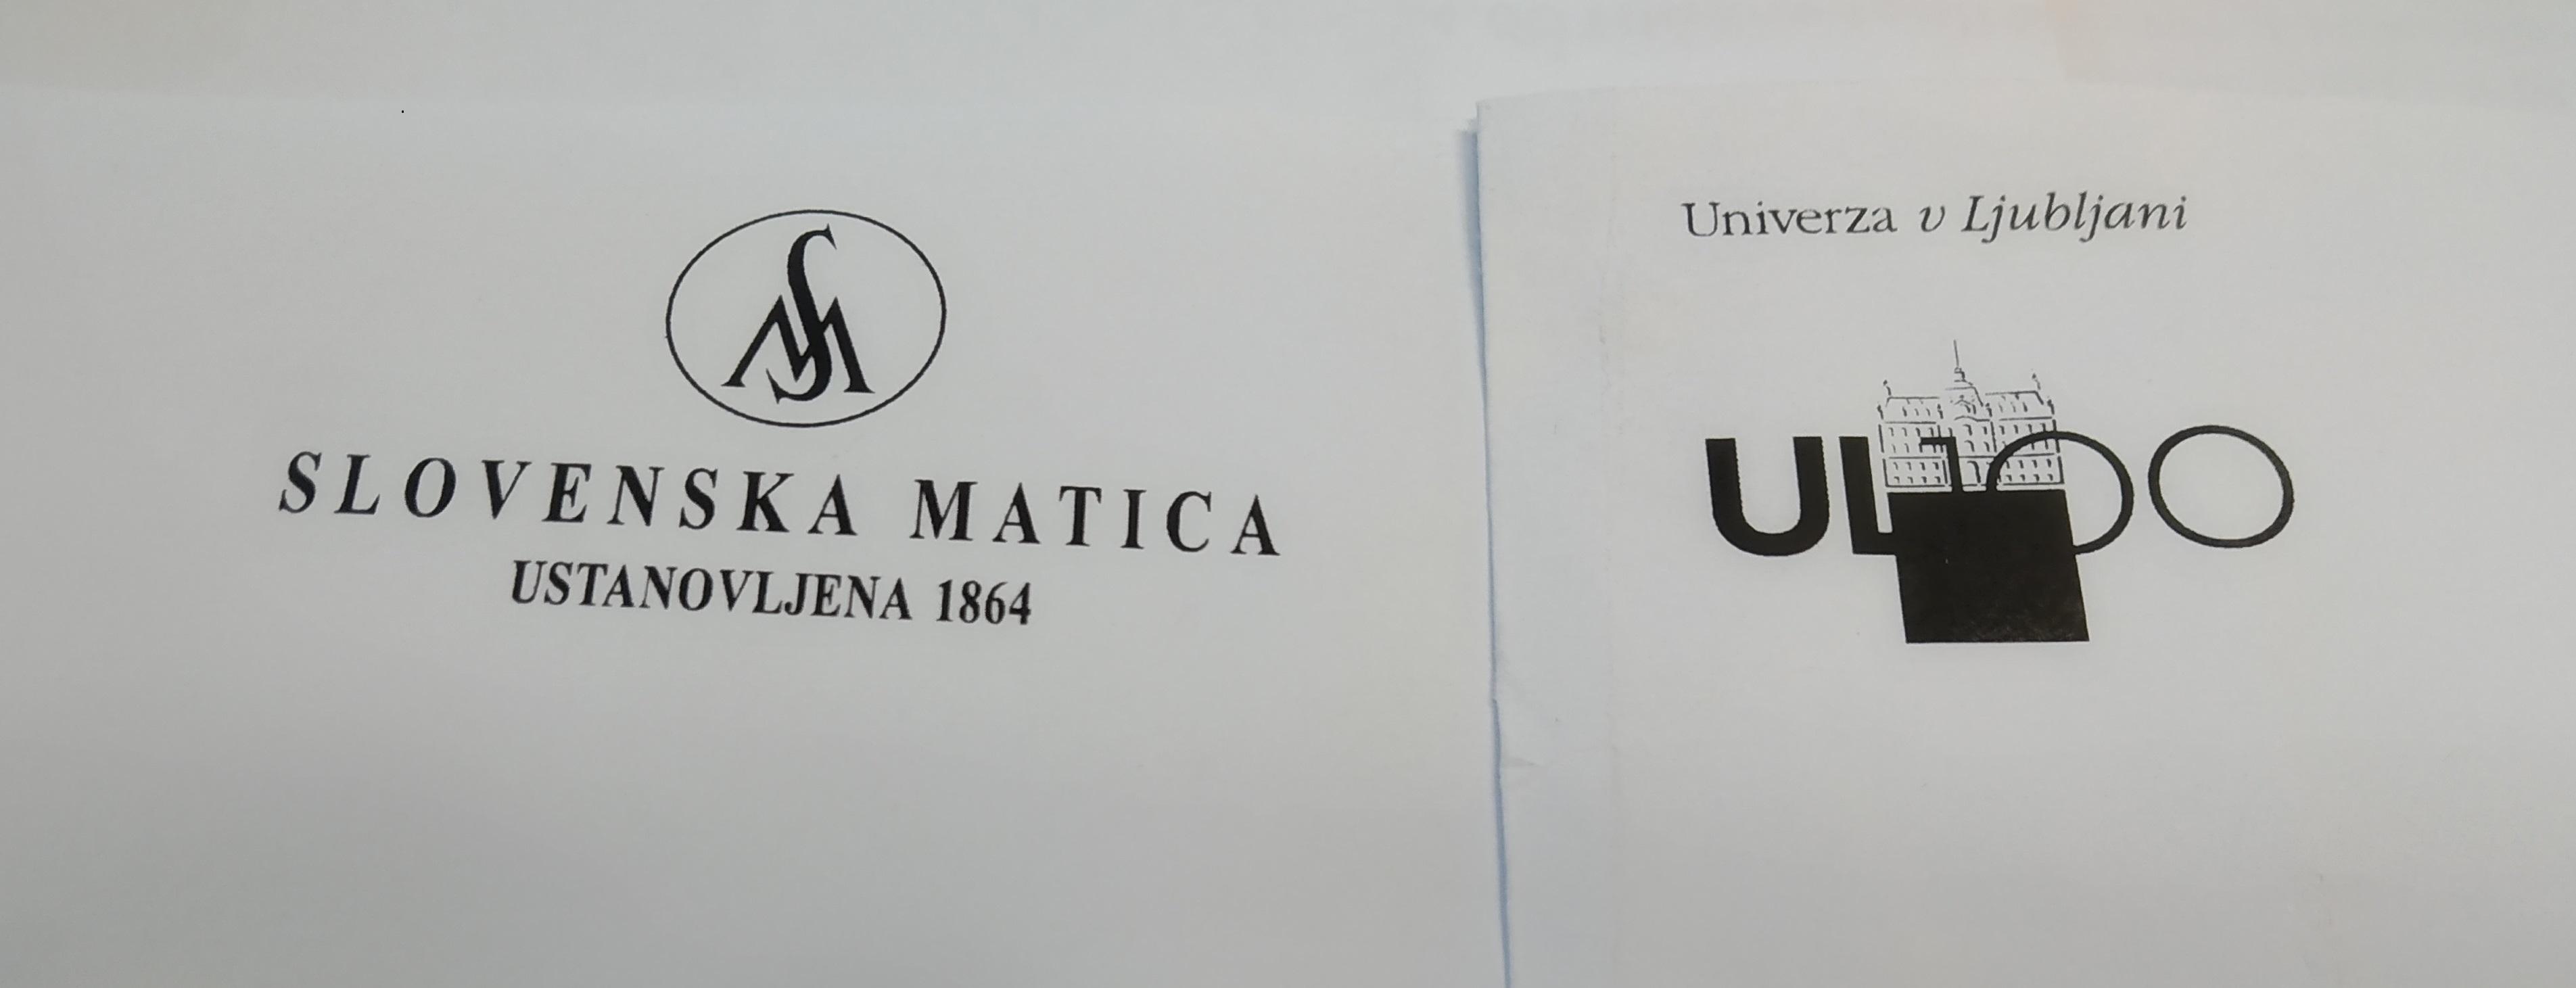 Znanstveni simpozij - 100 let Univerze v Ljubljani